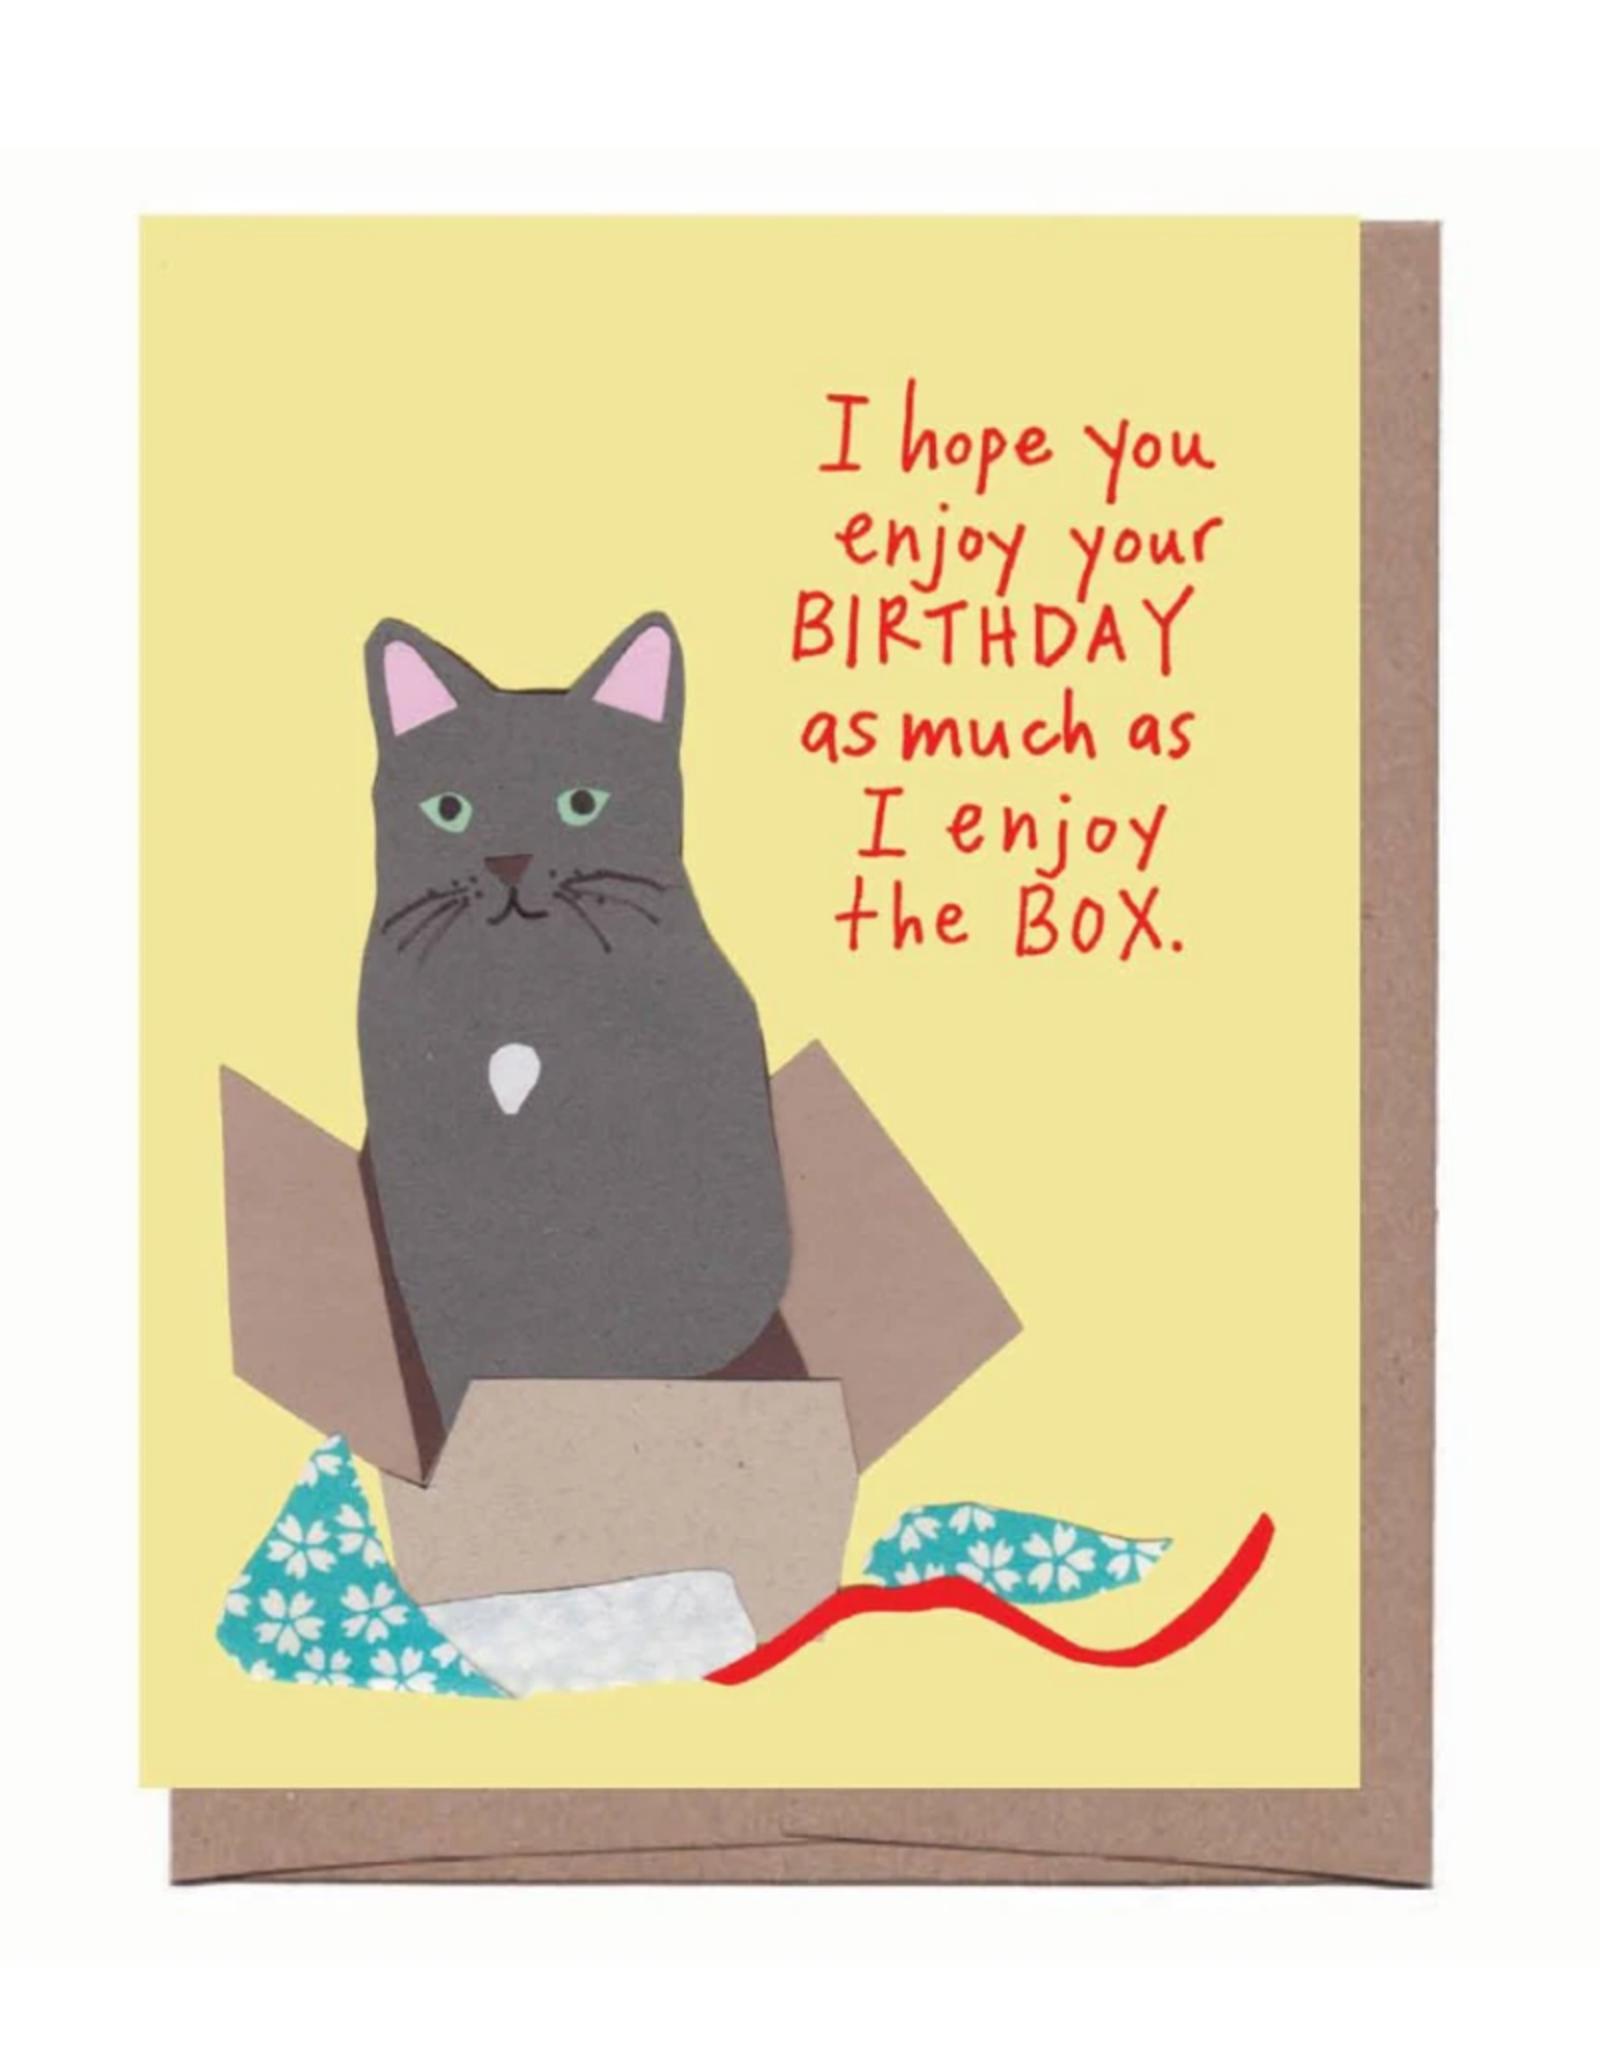 La Familia Green Cat In a Box Birthday Card